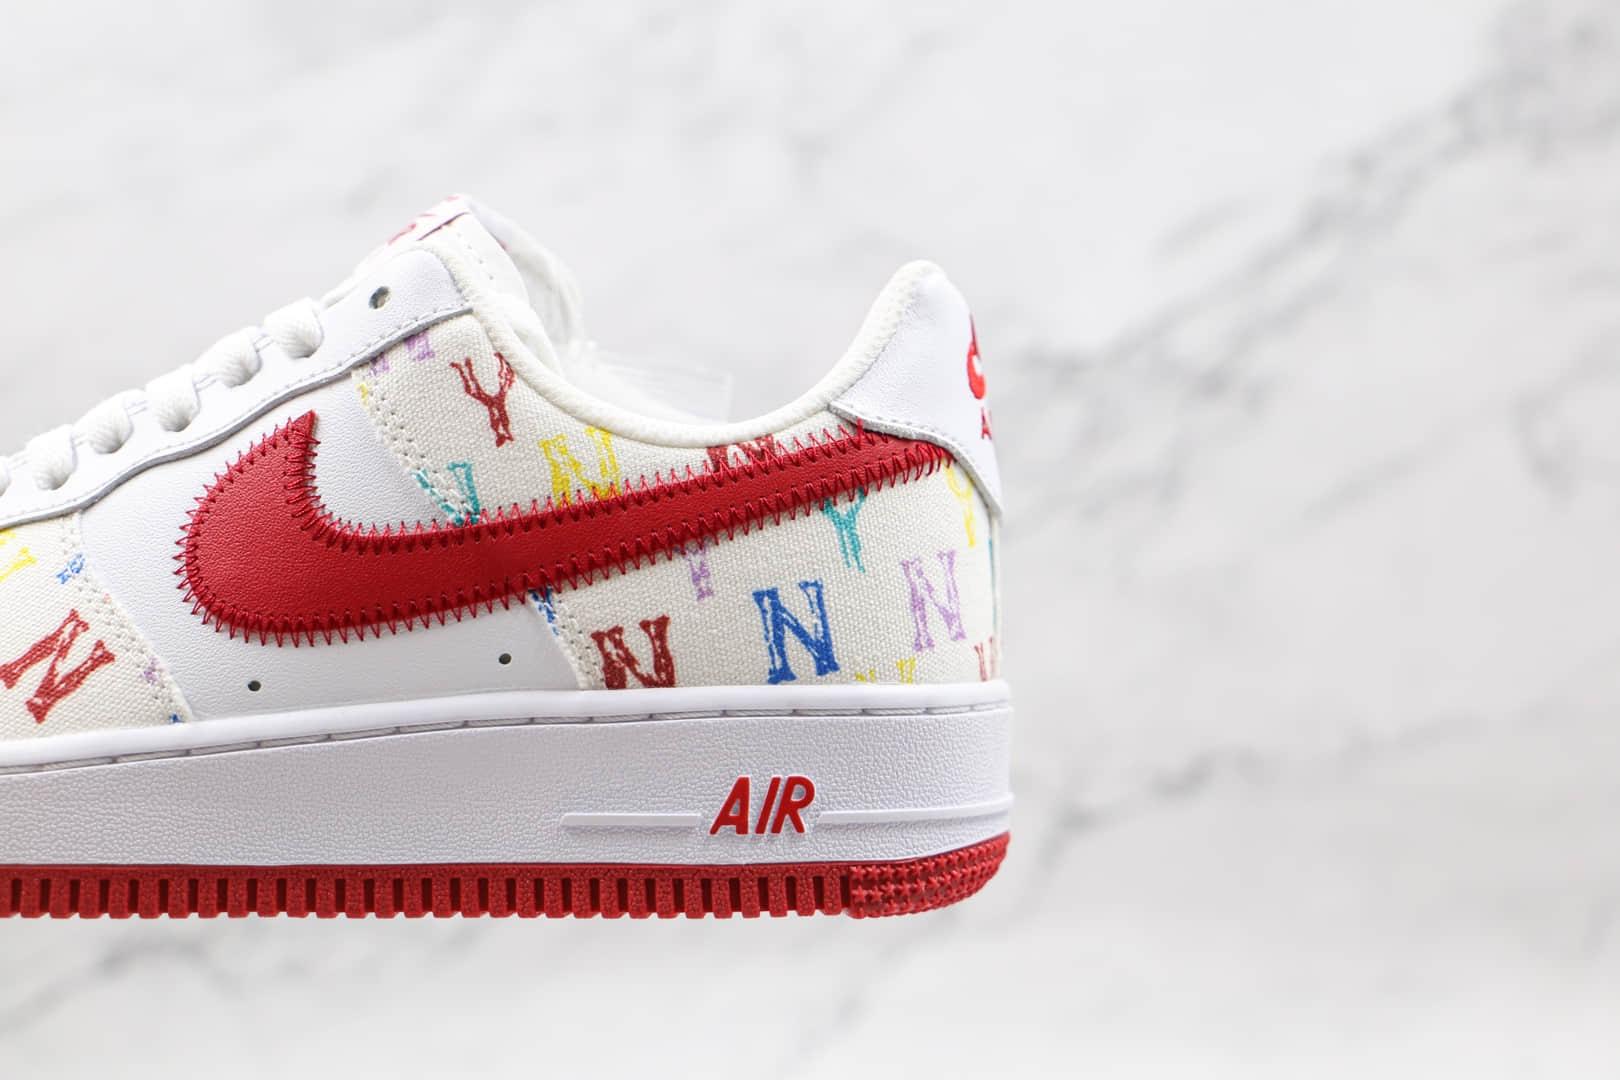 耐克Nike Air Force 1'07纯原版本低帮空军一号白红色彩色NY logo板鞋内置气垫 货号:315122-443